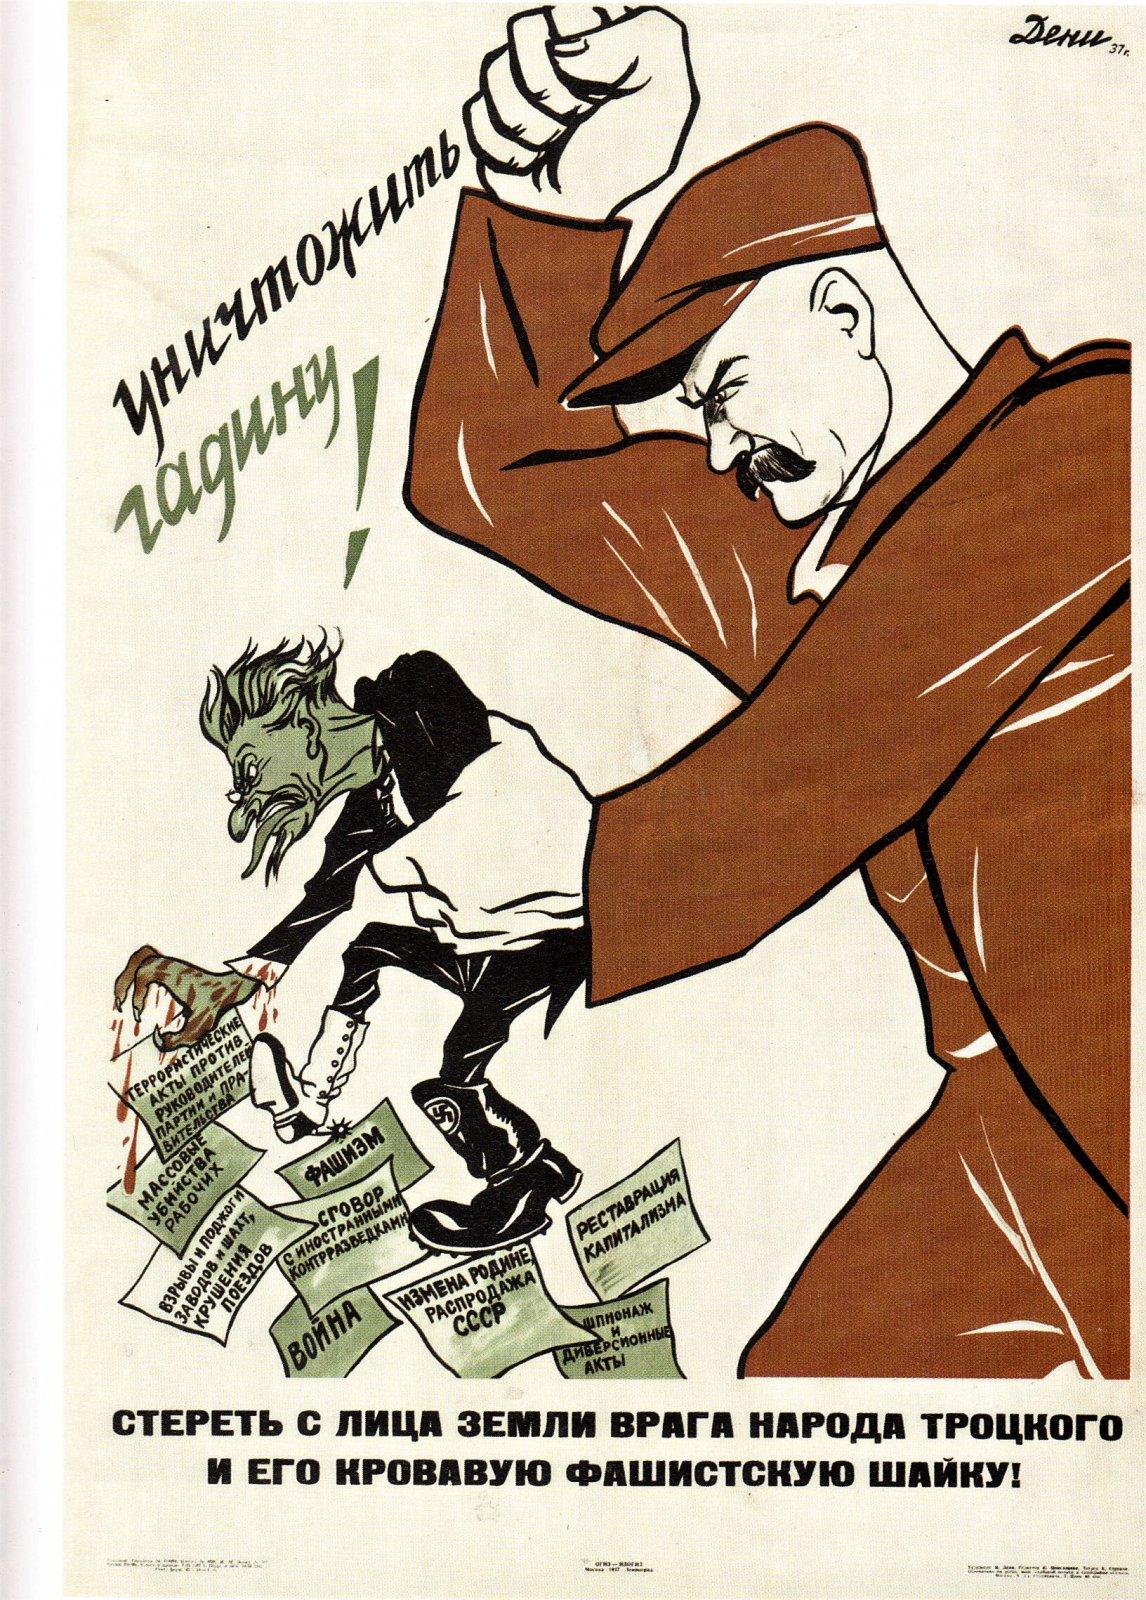 Плакат 1937 года «Уничтожить гадину! Стереть с лица земли врага Троцкого и его кровавую фашистскую шайку!», художник Виктор Дени